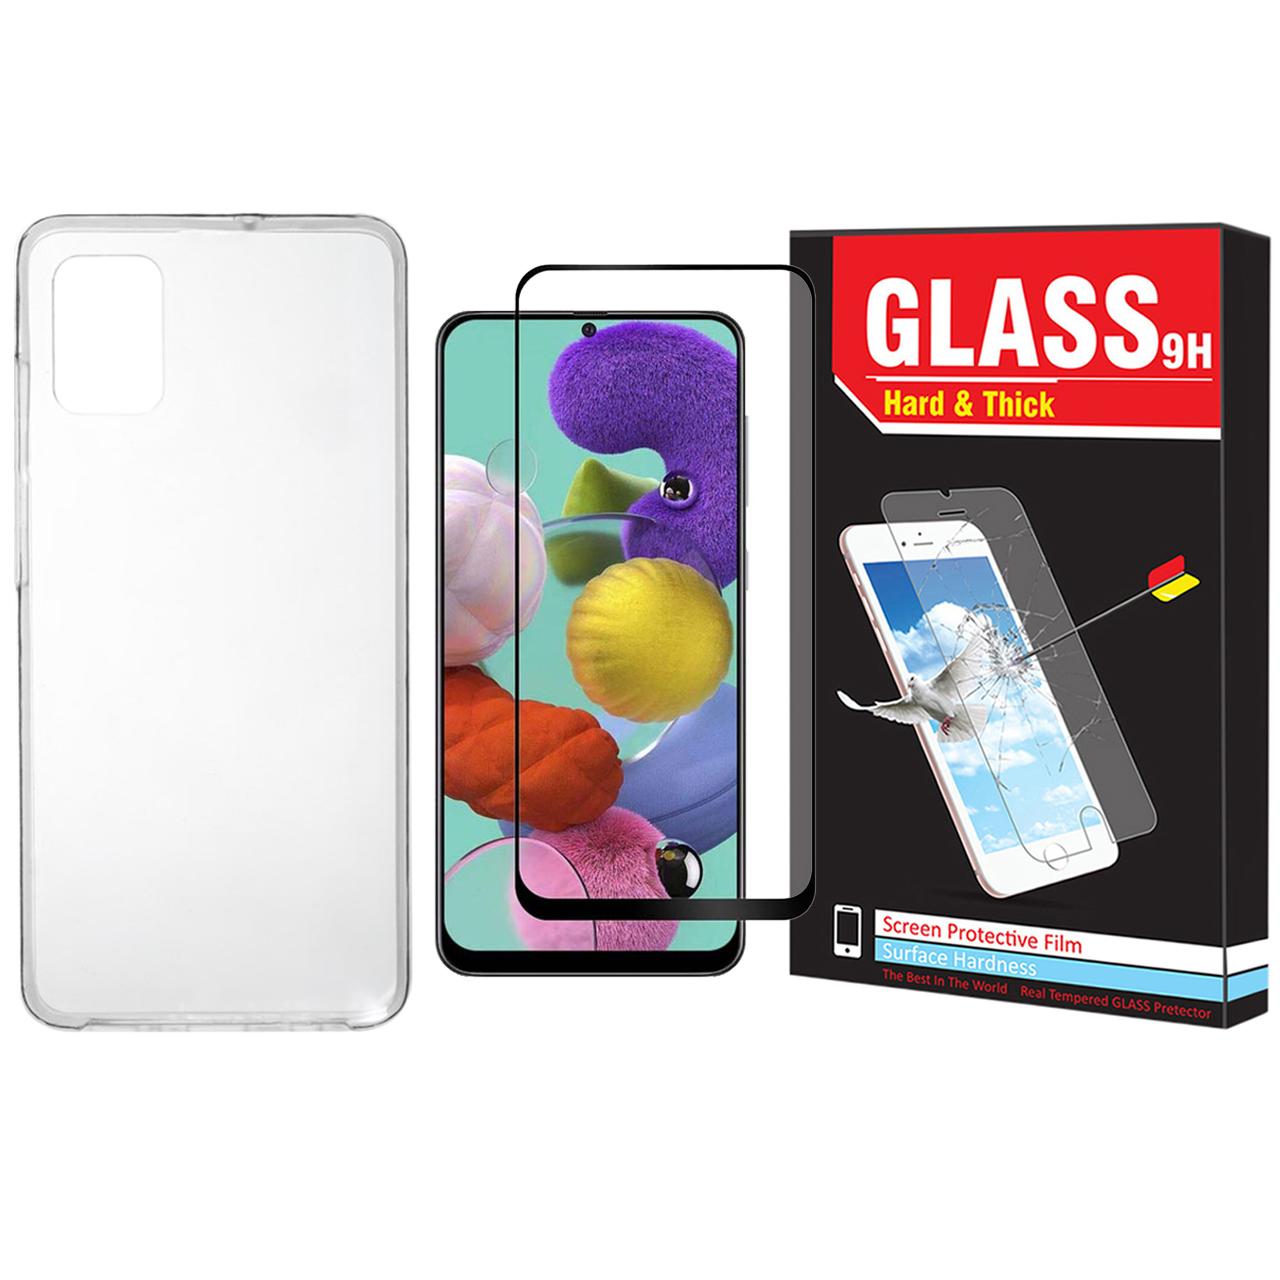 کاور مدل CL-001 مناسب برای گوشی موبایل سامسونگ Galaxy A71 به همراه محافظ صفحه نمایش Hard and Thick